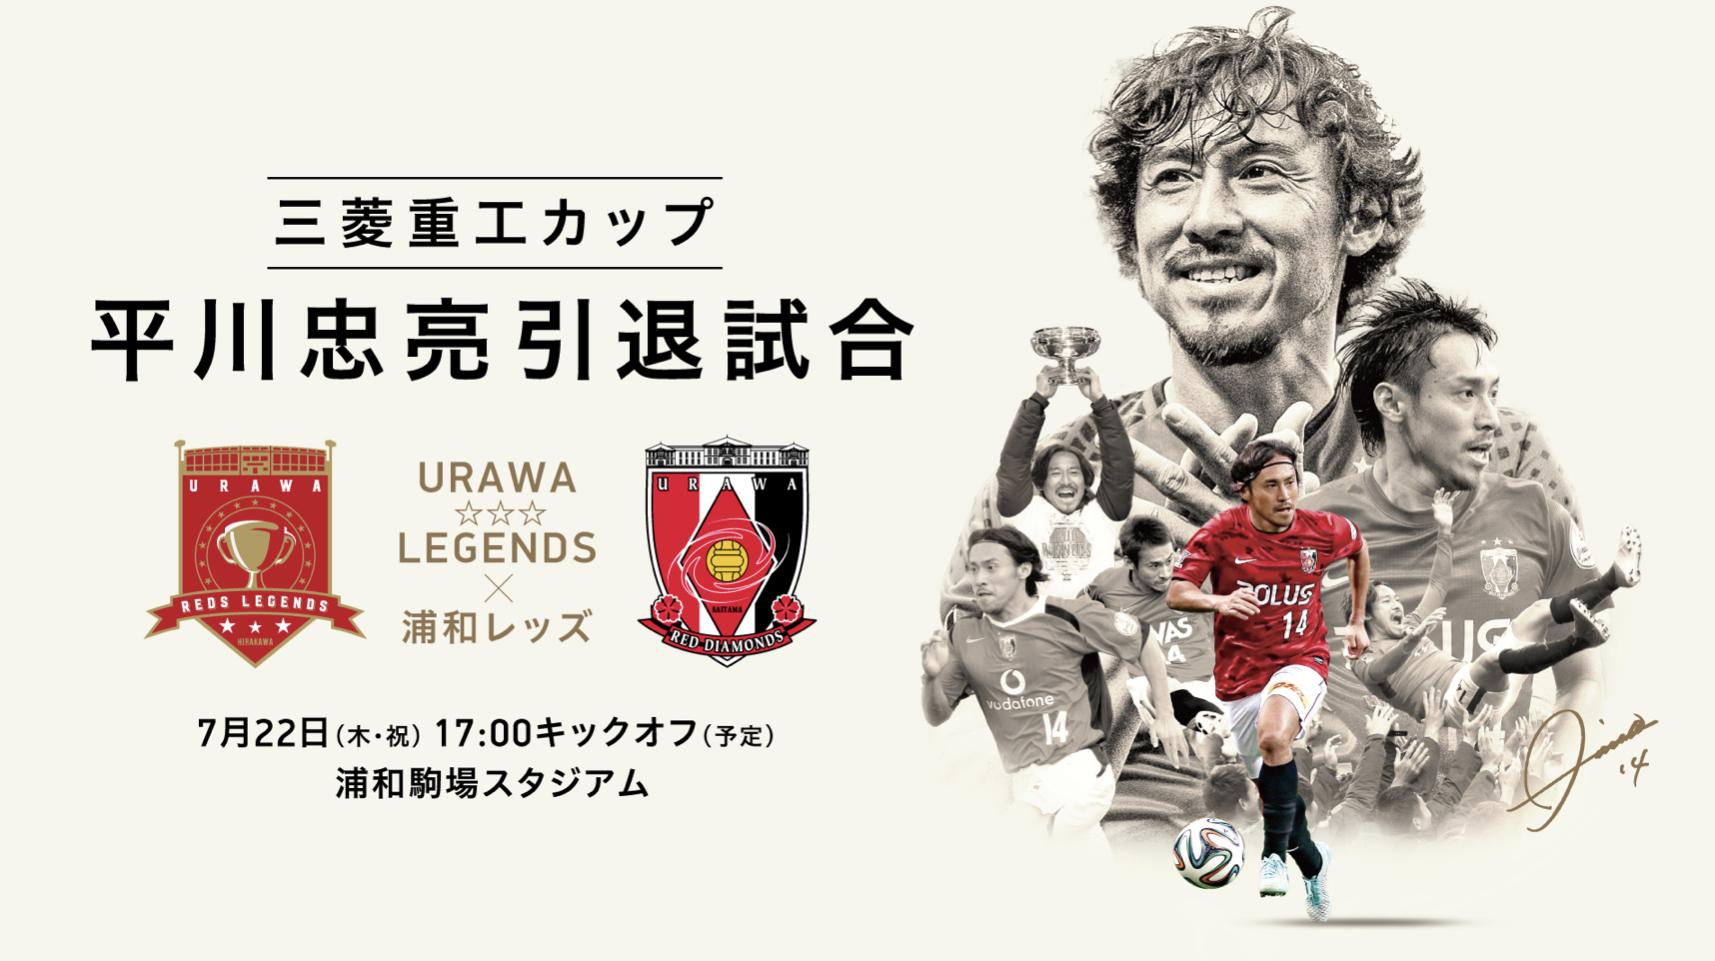 平川忠亮引退試合 Website